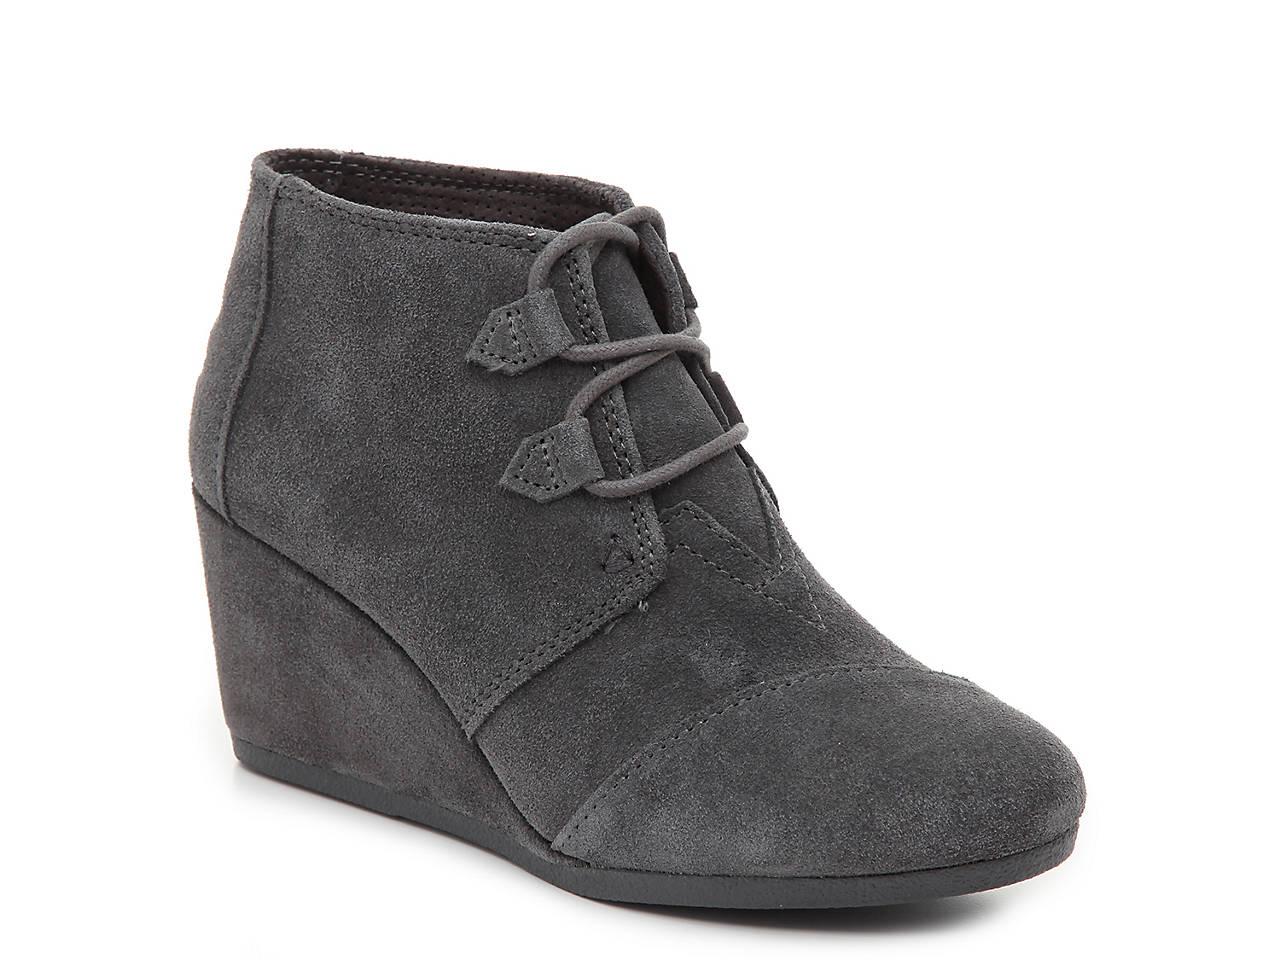 989e25d63f2 TOMS Kala Wedge Bootie Women s Shoes